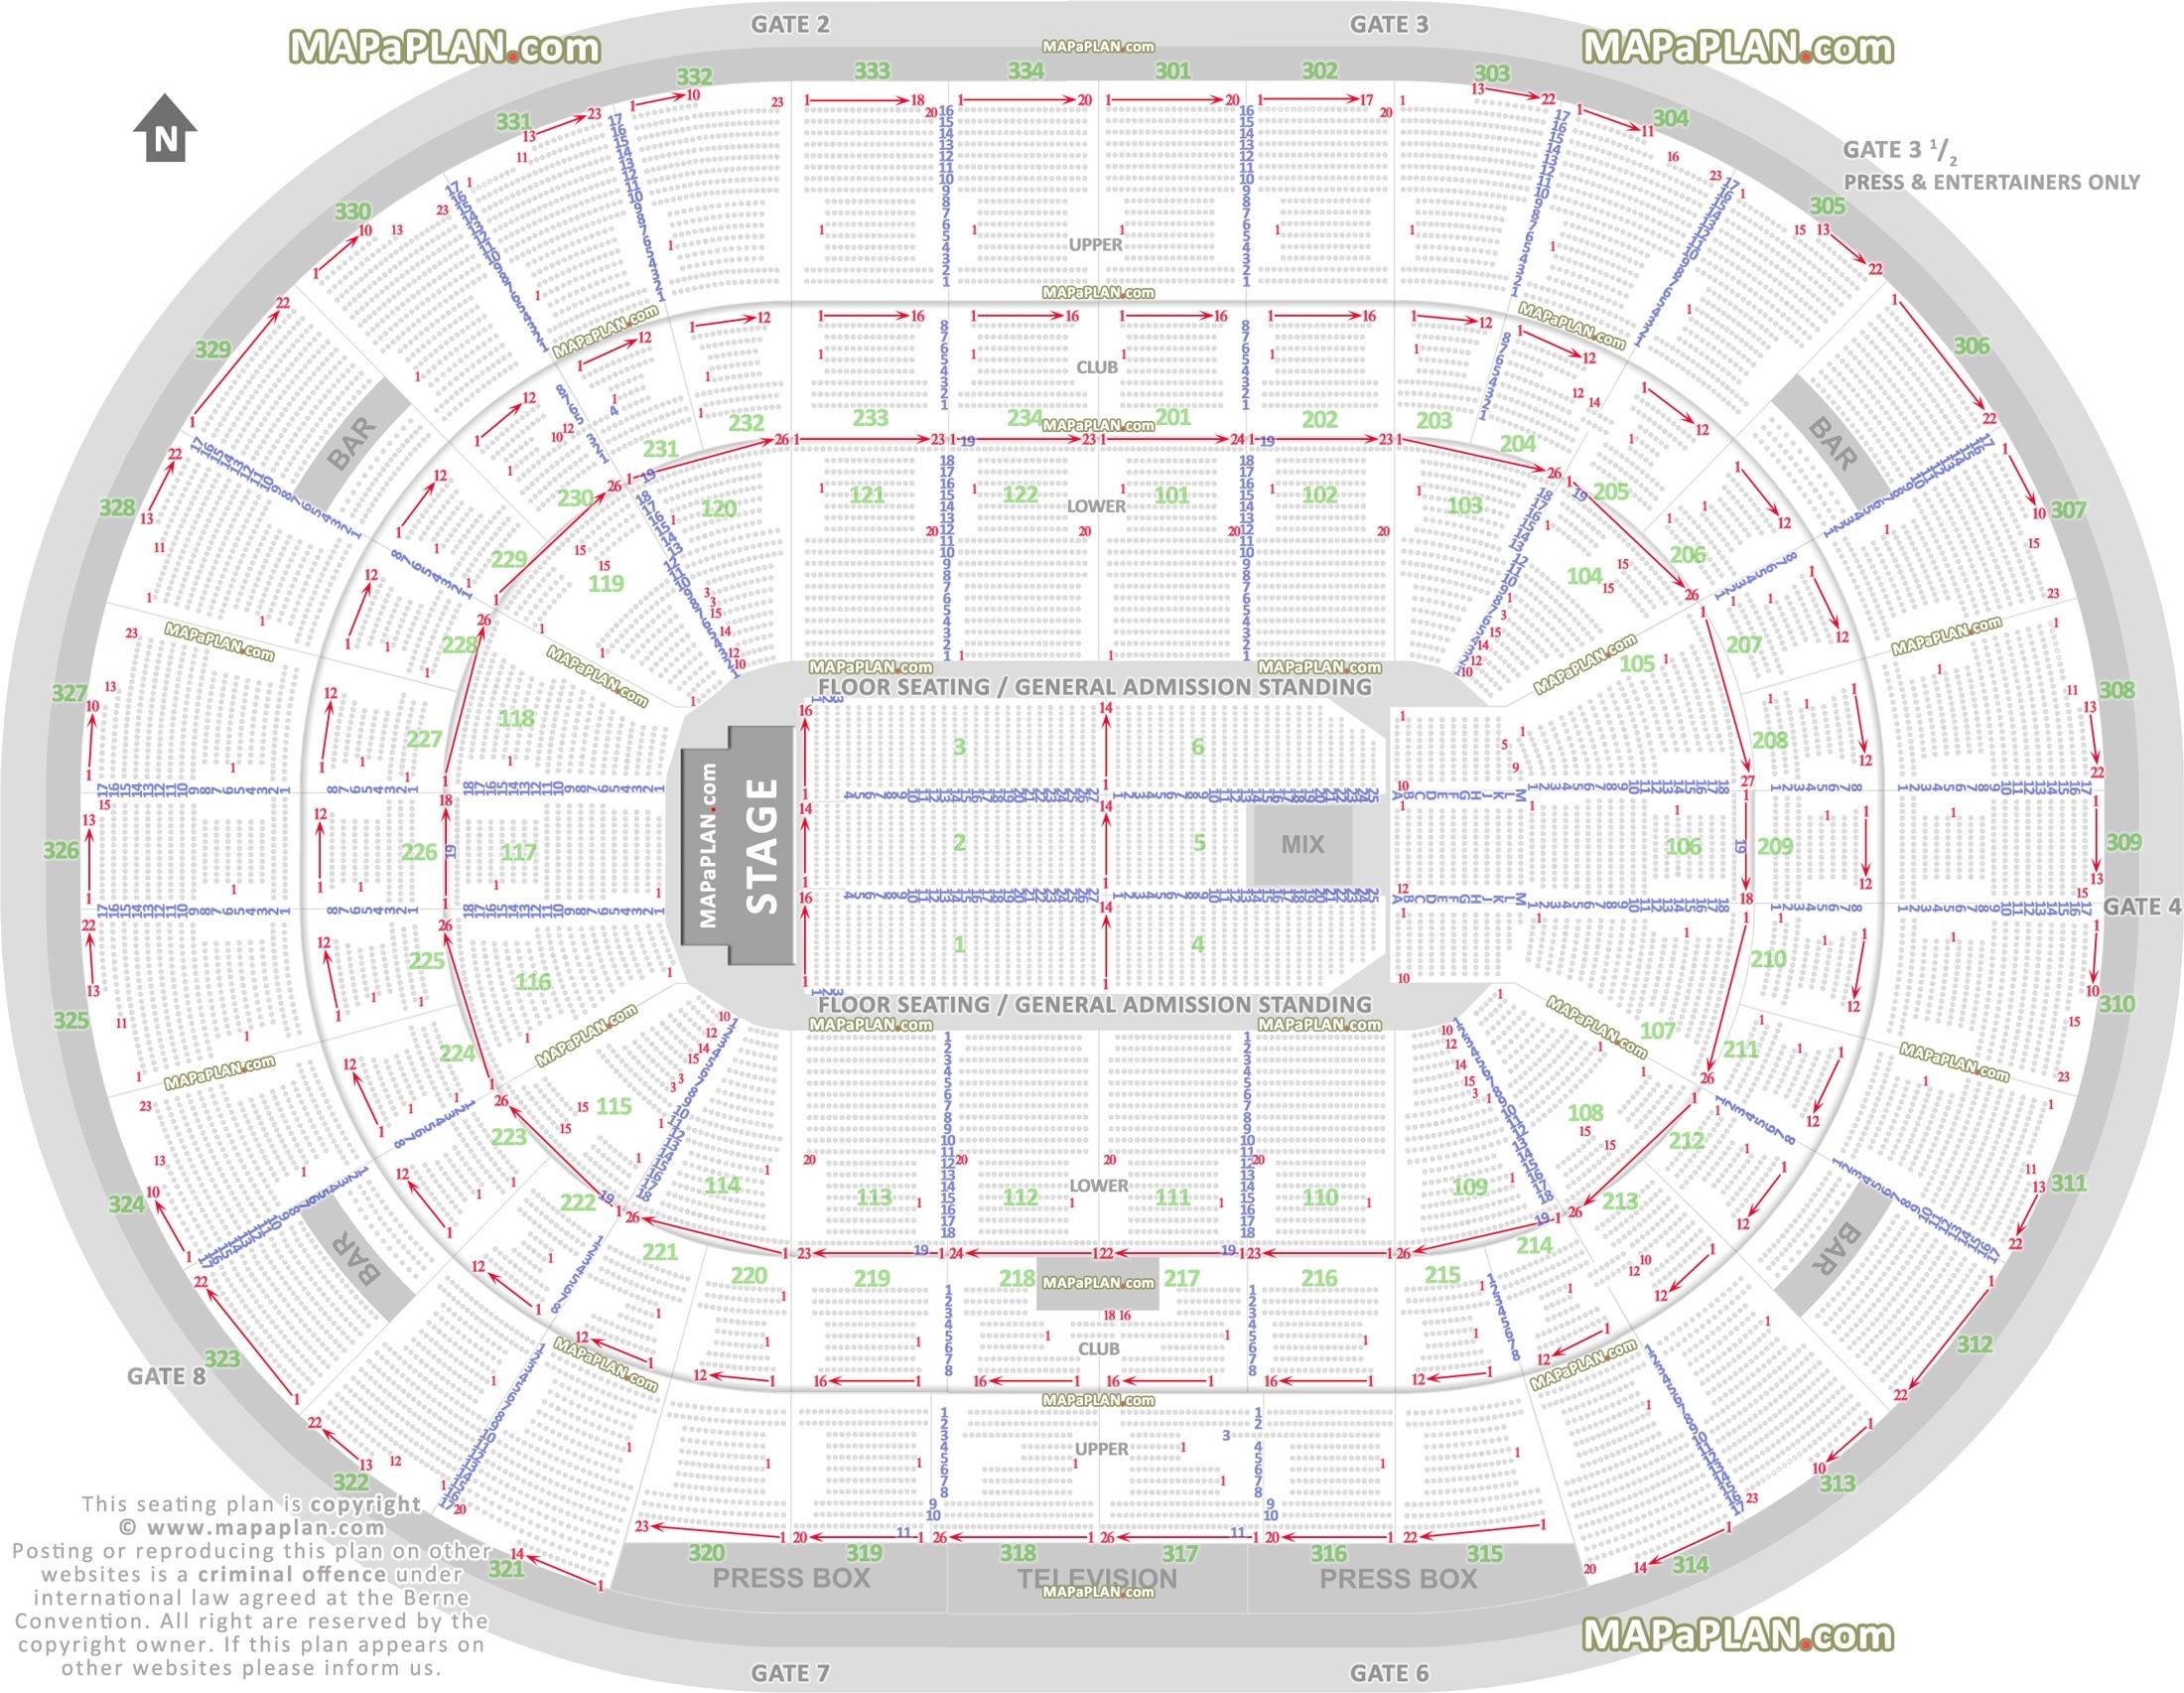 Chicago United Center Seat Numbers Detailed Seating Plan - Mapaplan regarding Verizon Center Seating Chart Pdf